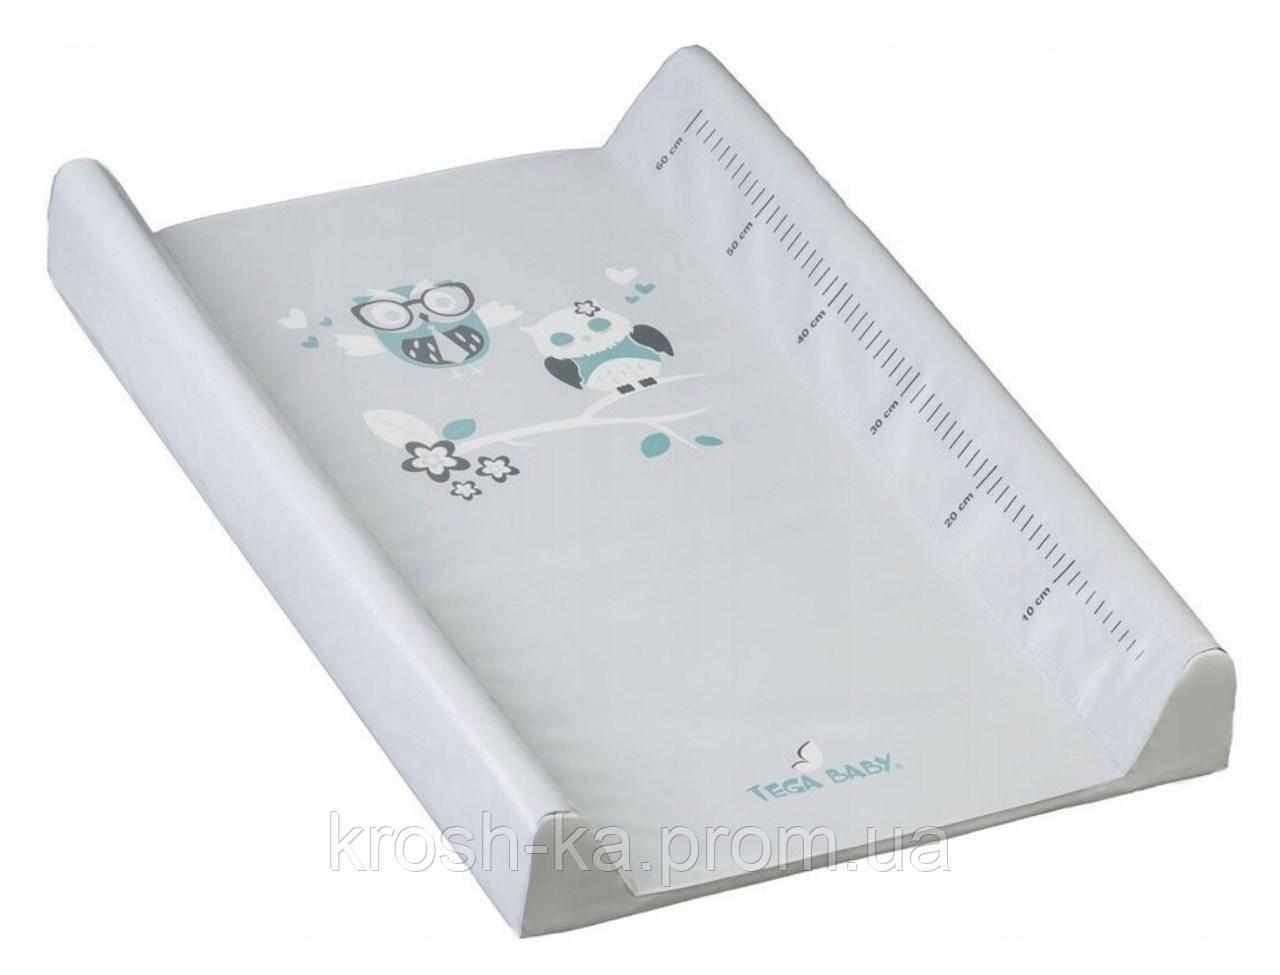 Пеленатор детский Совушки серый 60см Tega Польша SO-009-106